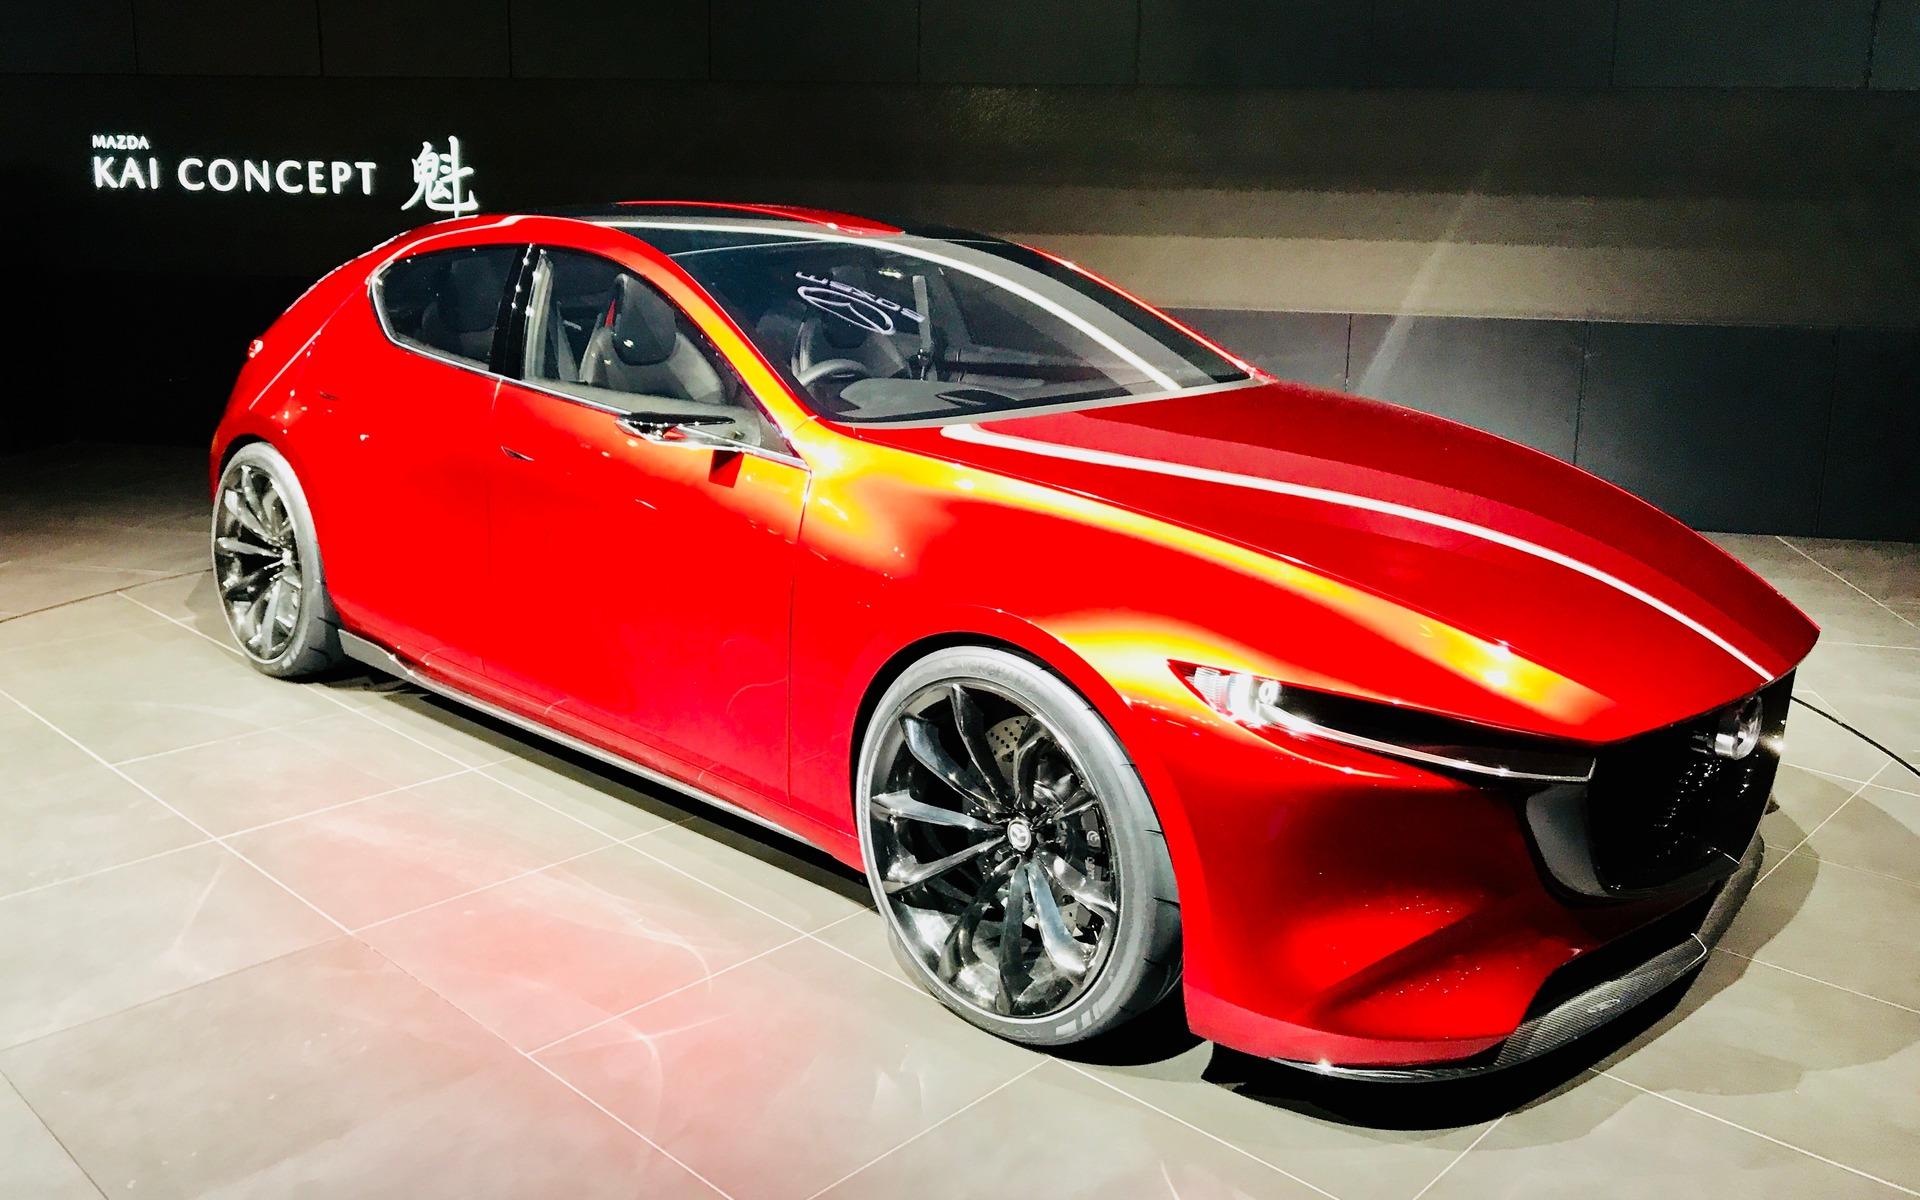 Mazda Kai Concept: The Next Mazda3 Sport - The Car Guide